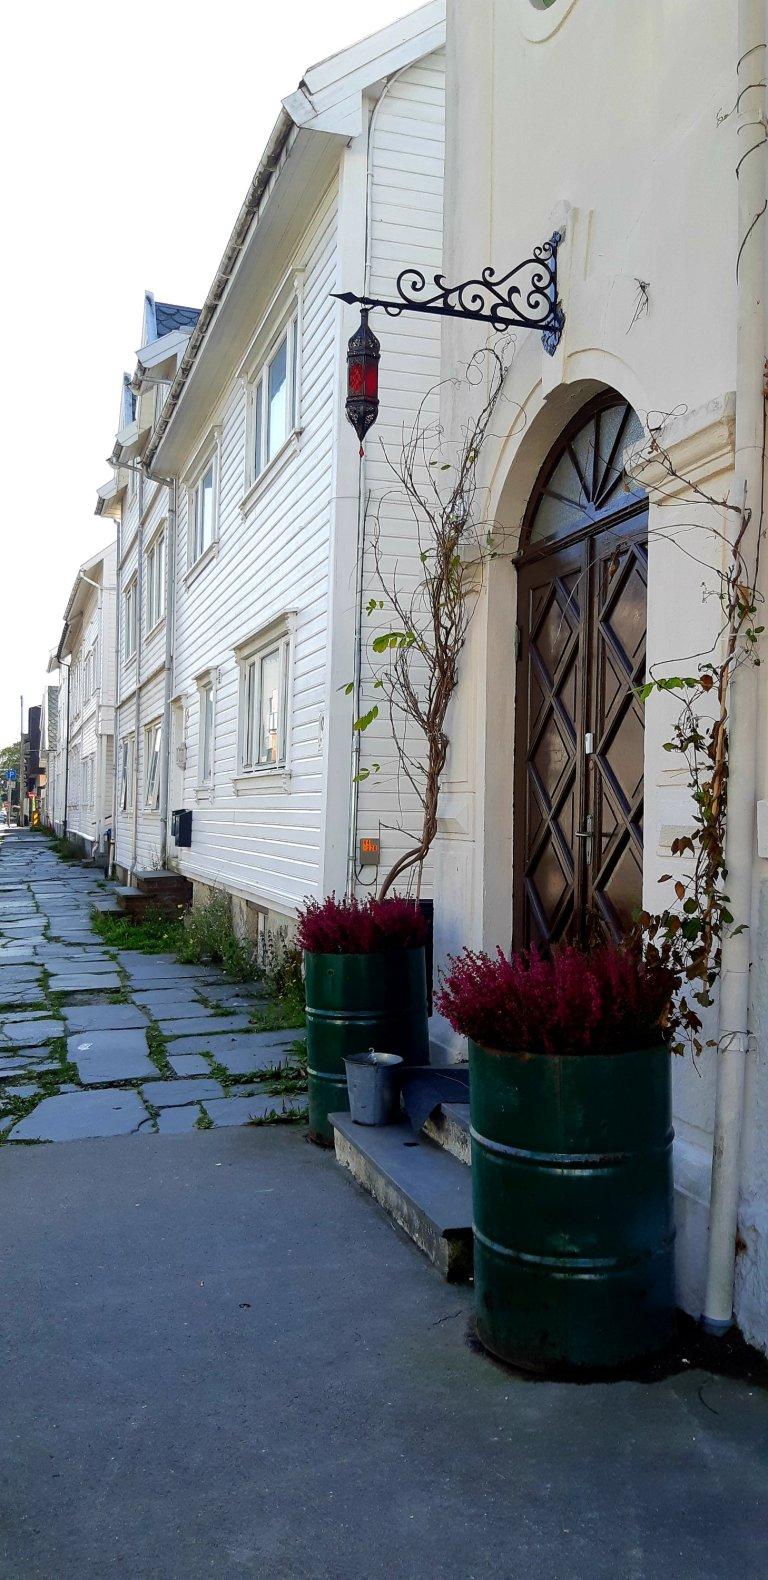 Haugesund street